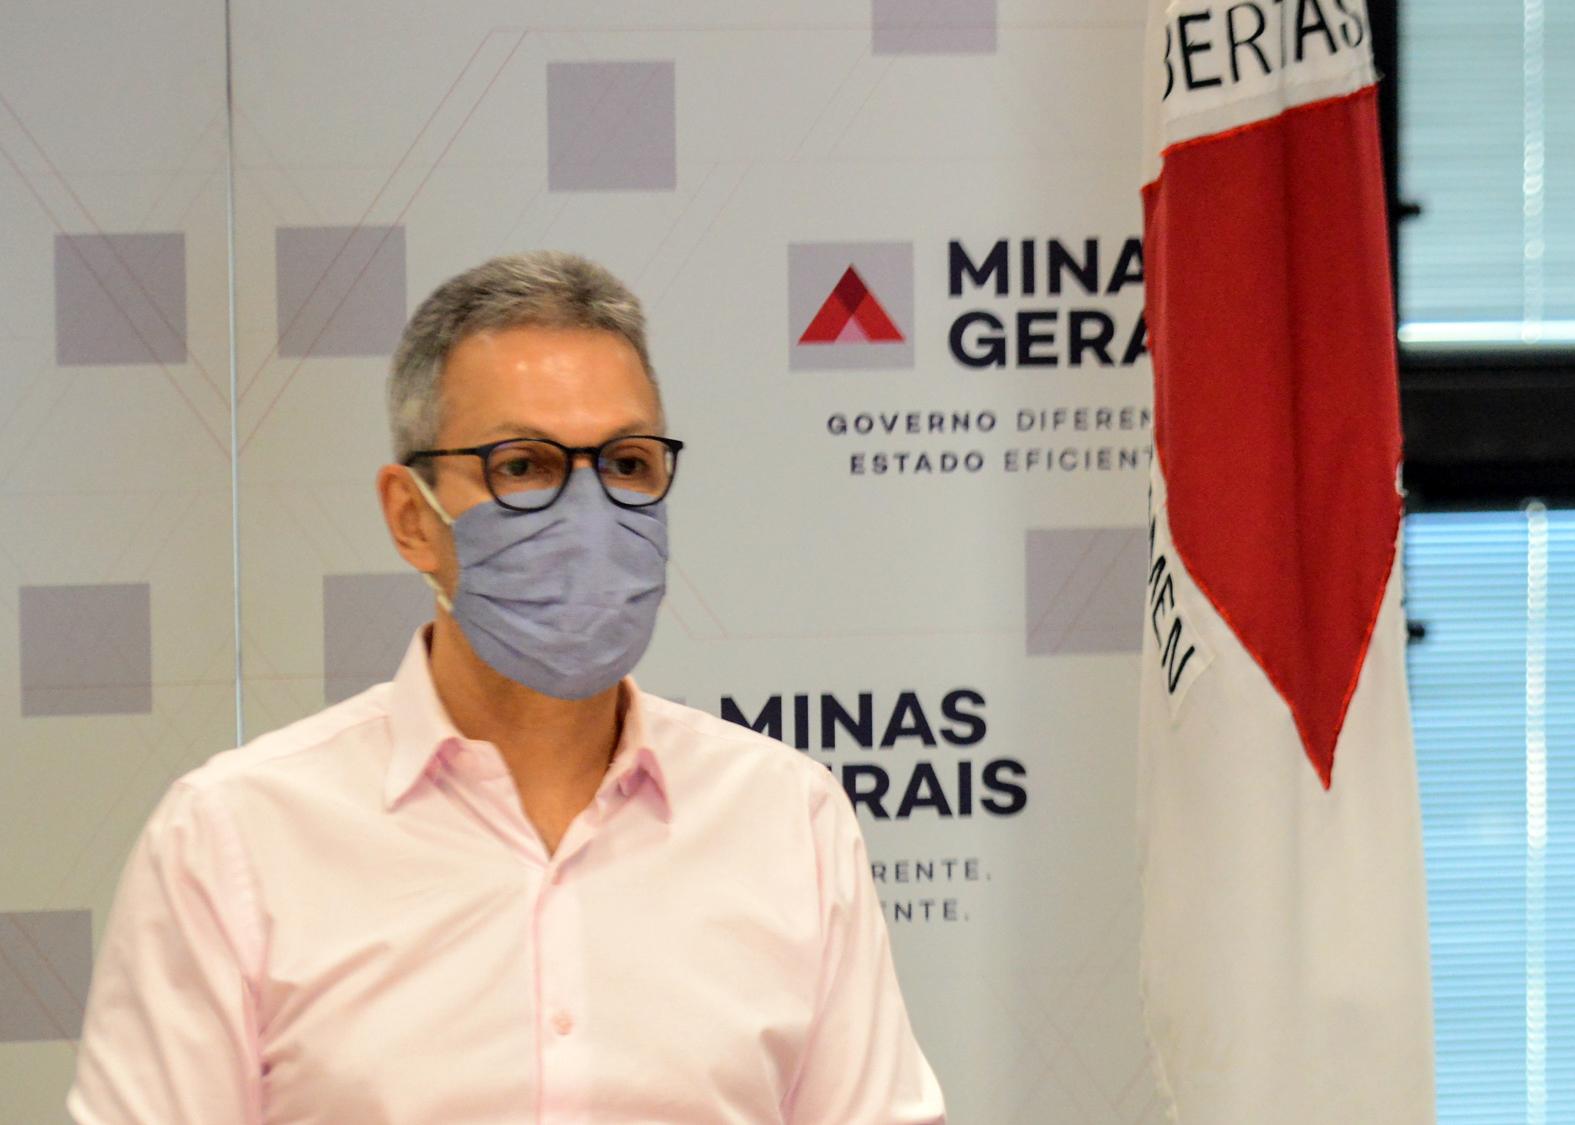 Vacinação contra Covid em Minas seguirá o Governo Federal, afirma Zema